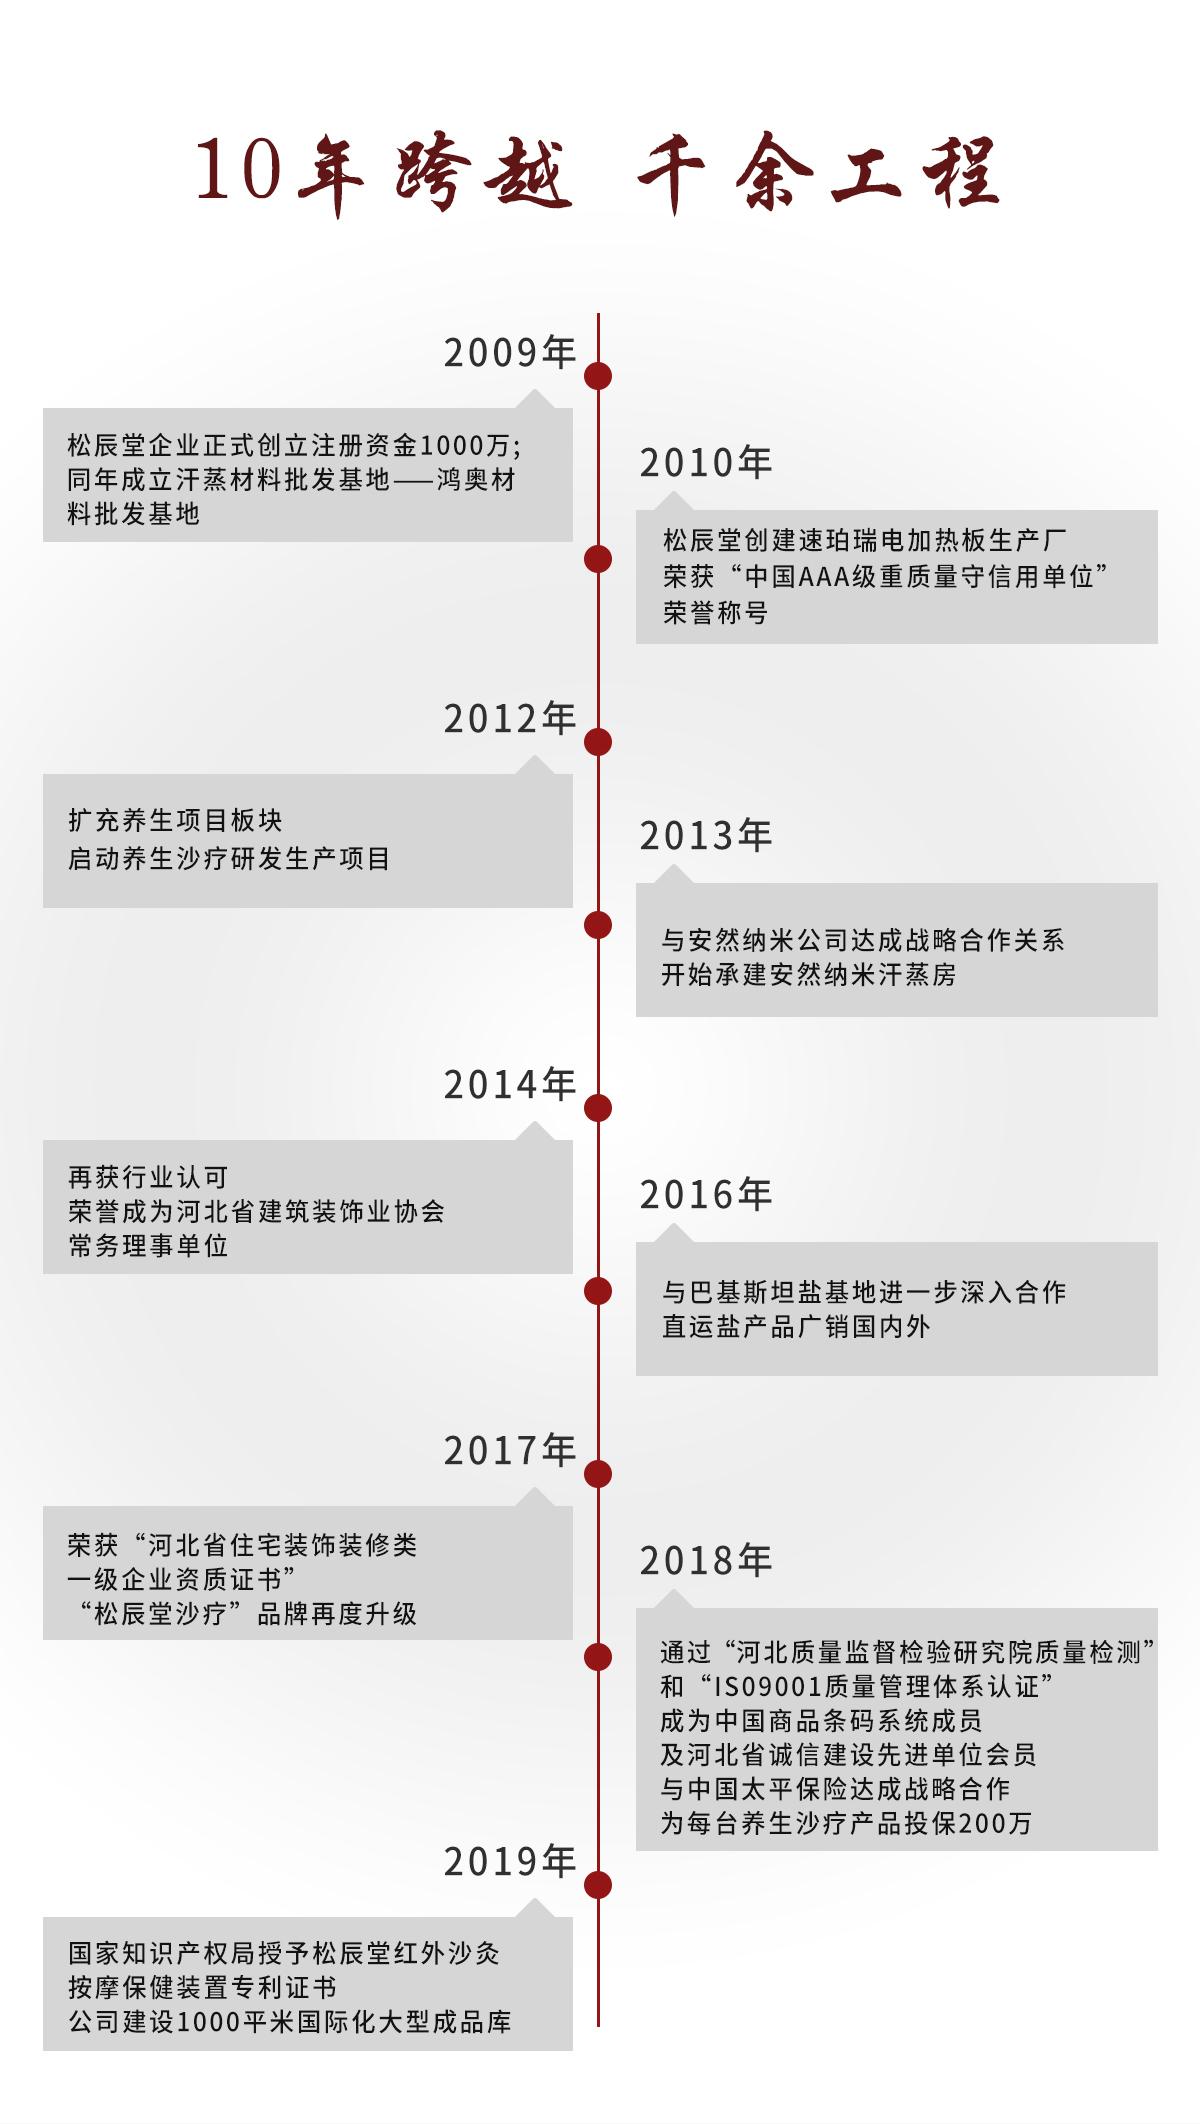 石家庄松辰堂科技河北有限公司发展历程